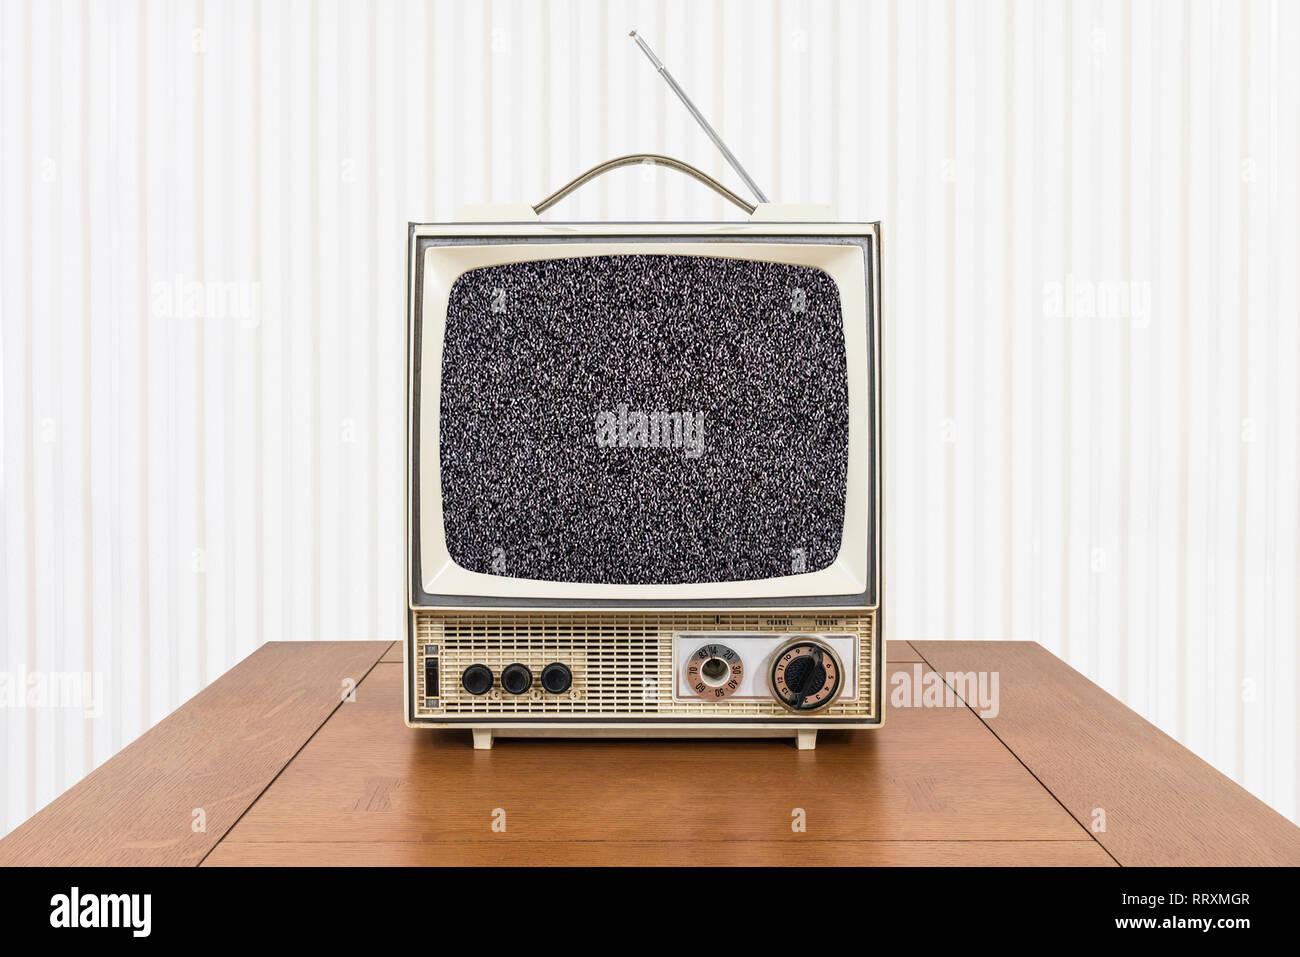 Tv Set 70s Stock Photos & Tv Set 70s Stock Images - Alamy